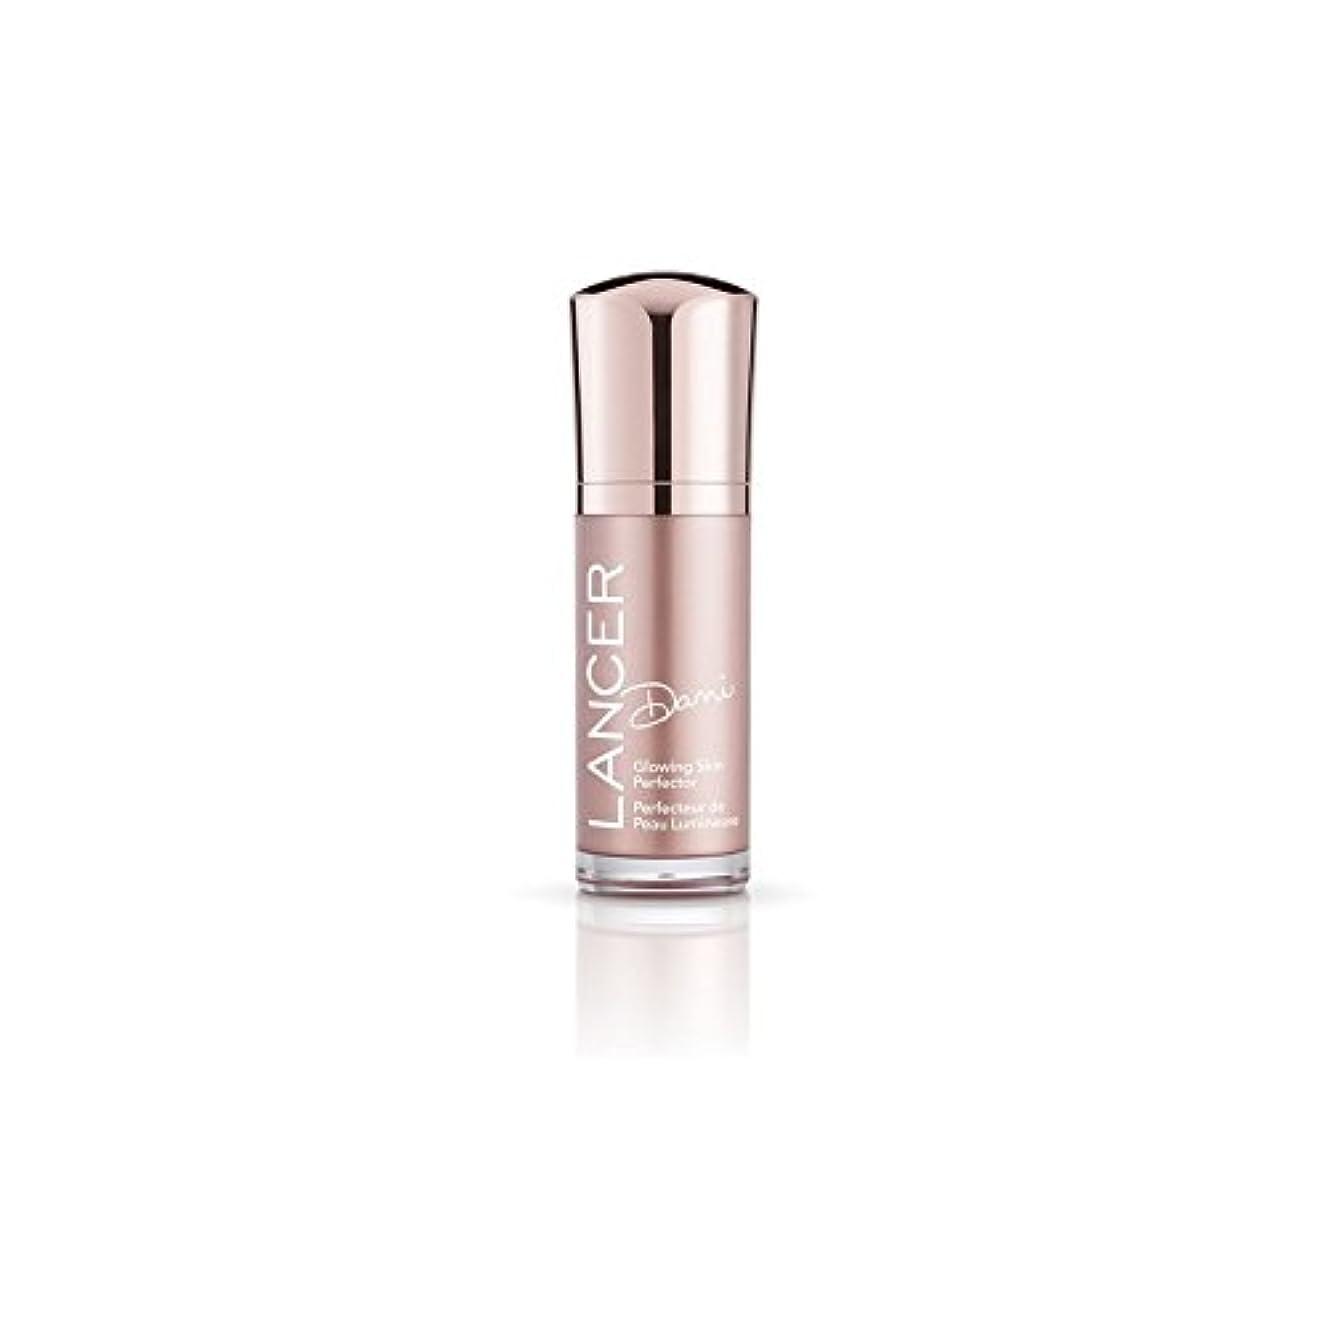 ひらめきサイト避難スキンパーフェク輝くランサースキンケアダニ(30ミリリットル) x2 - Lancer Skincare Dani Glowing Skin Perfector (30ml) (Pack of 2) [並行輸入品]